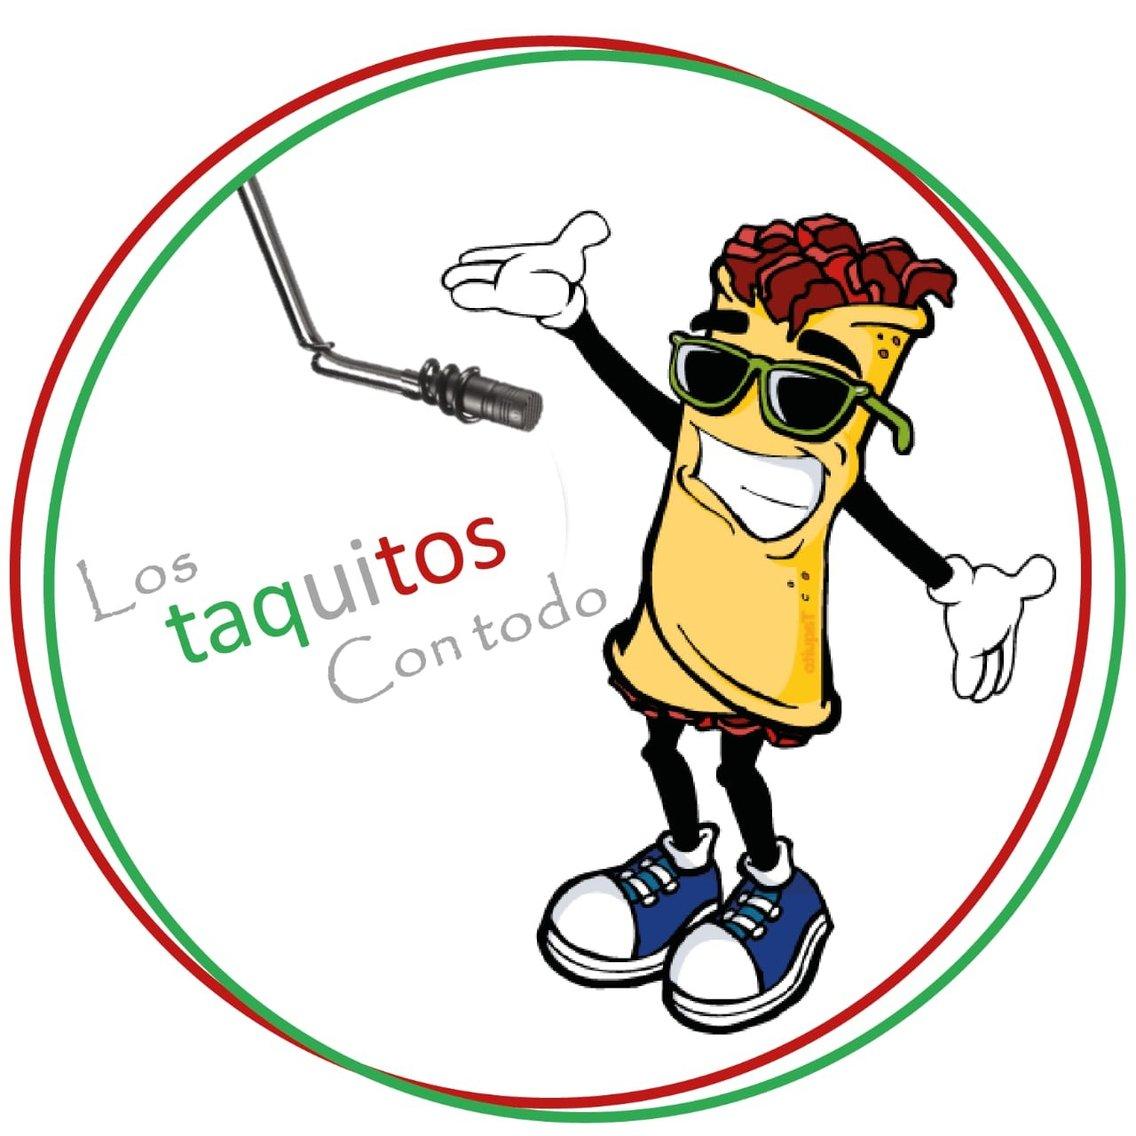 Los Taquitos...con todo - Cover Image